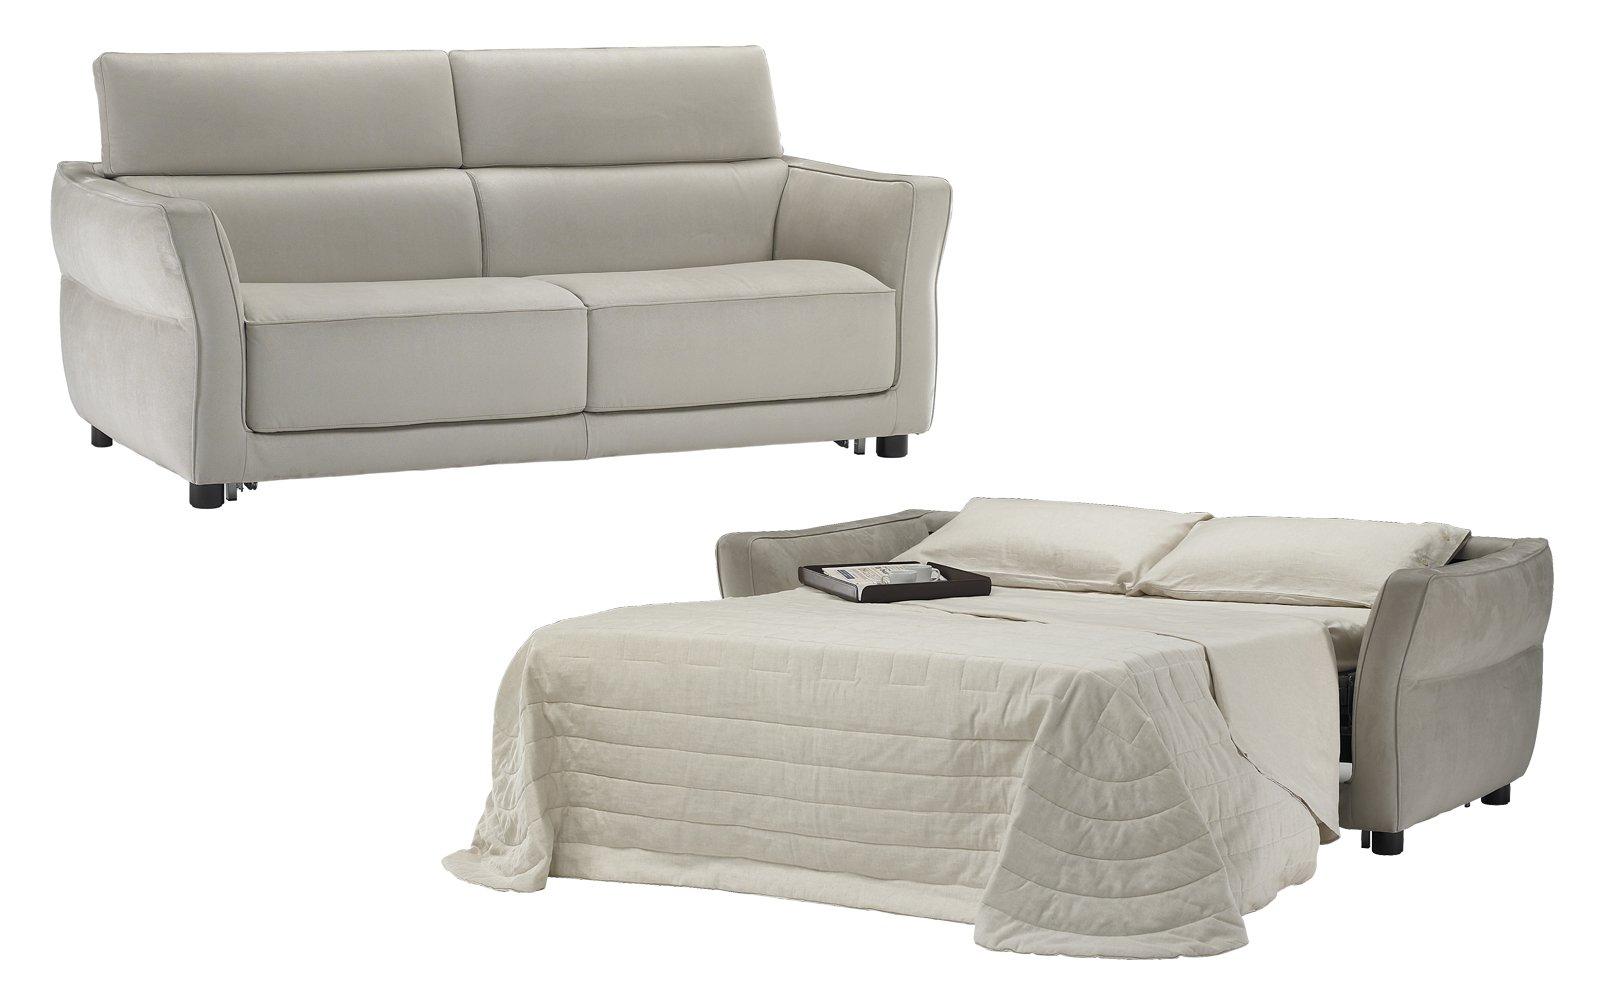 Divani letto per risparmiare spazio cose di casa - Un divano per dodici ...